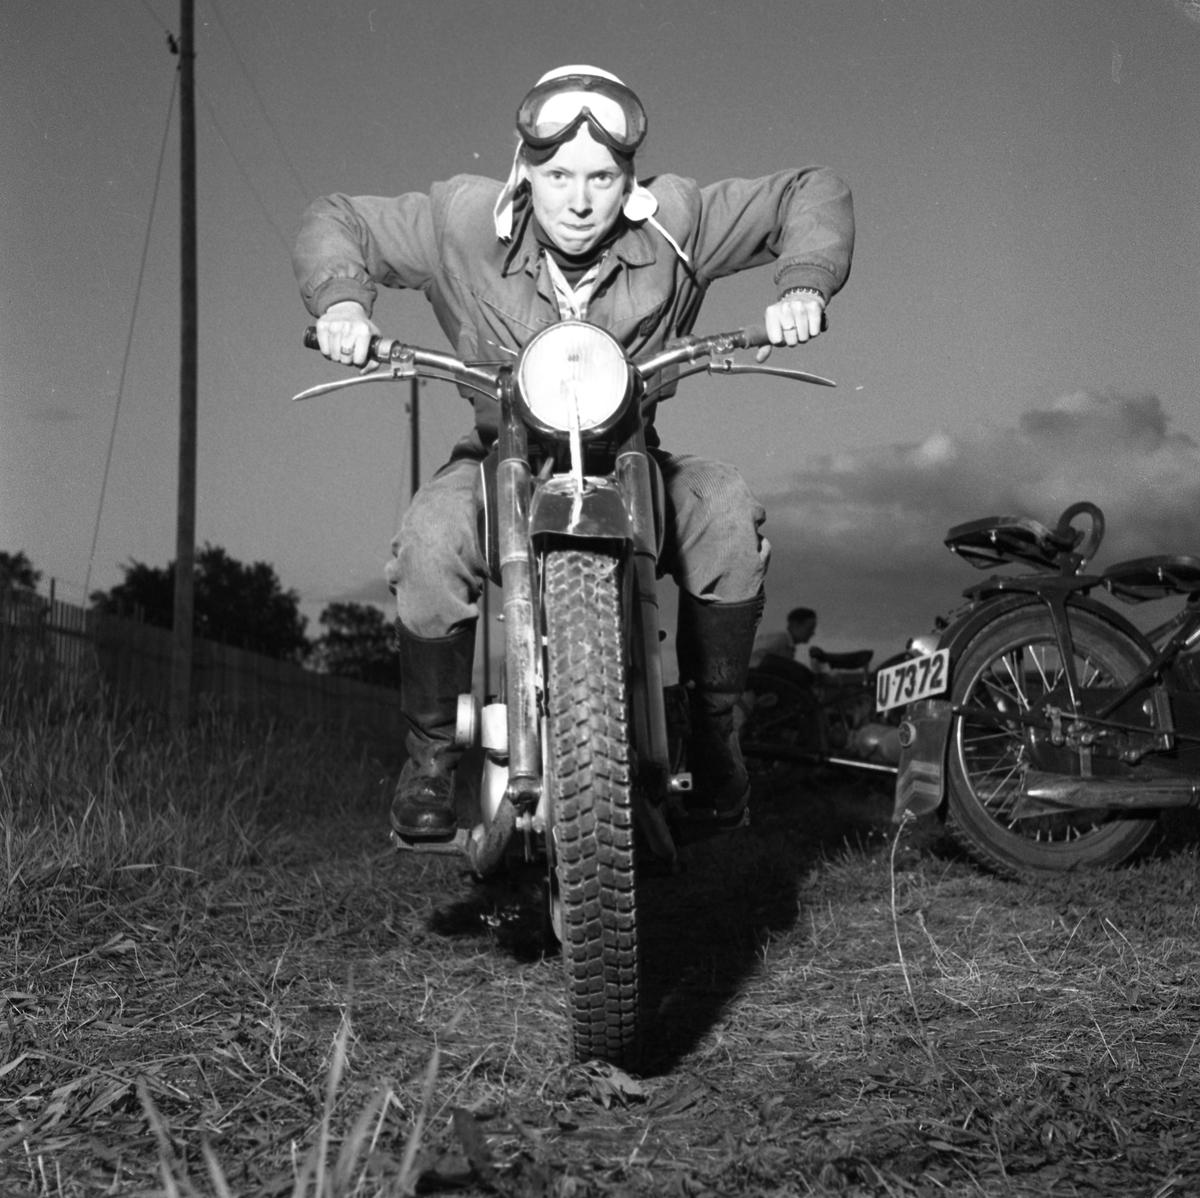 Arbogas Stjärnknutte Ung man på motorcykel. Han har skyddsglasögonen i pannan. Bilden är tagen på kvällen.